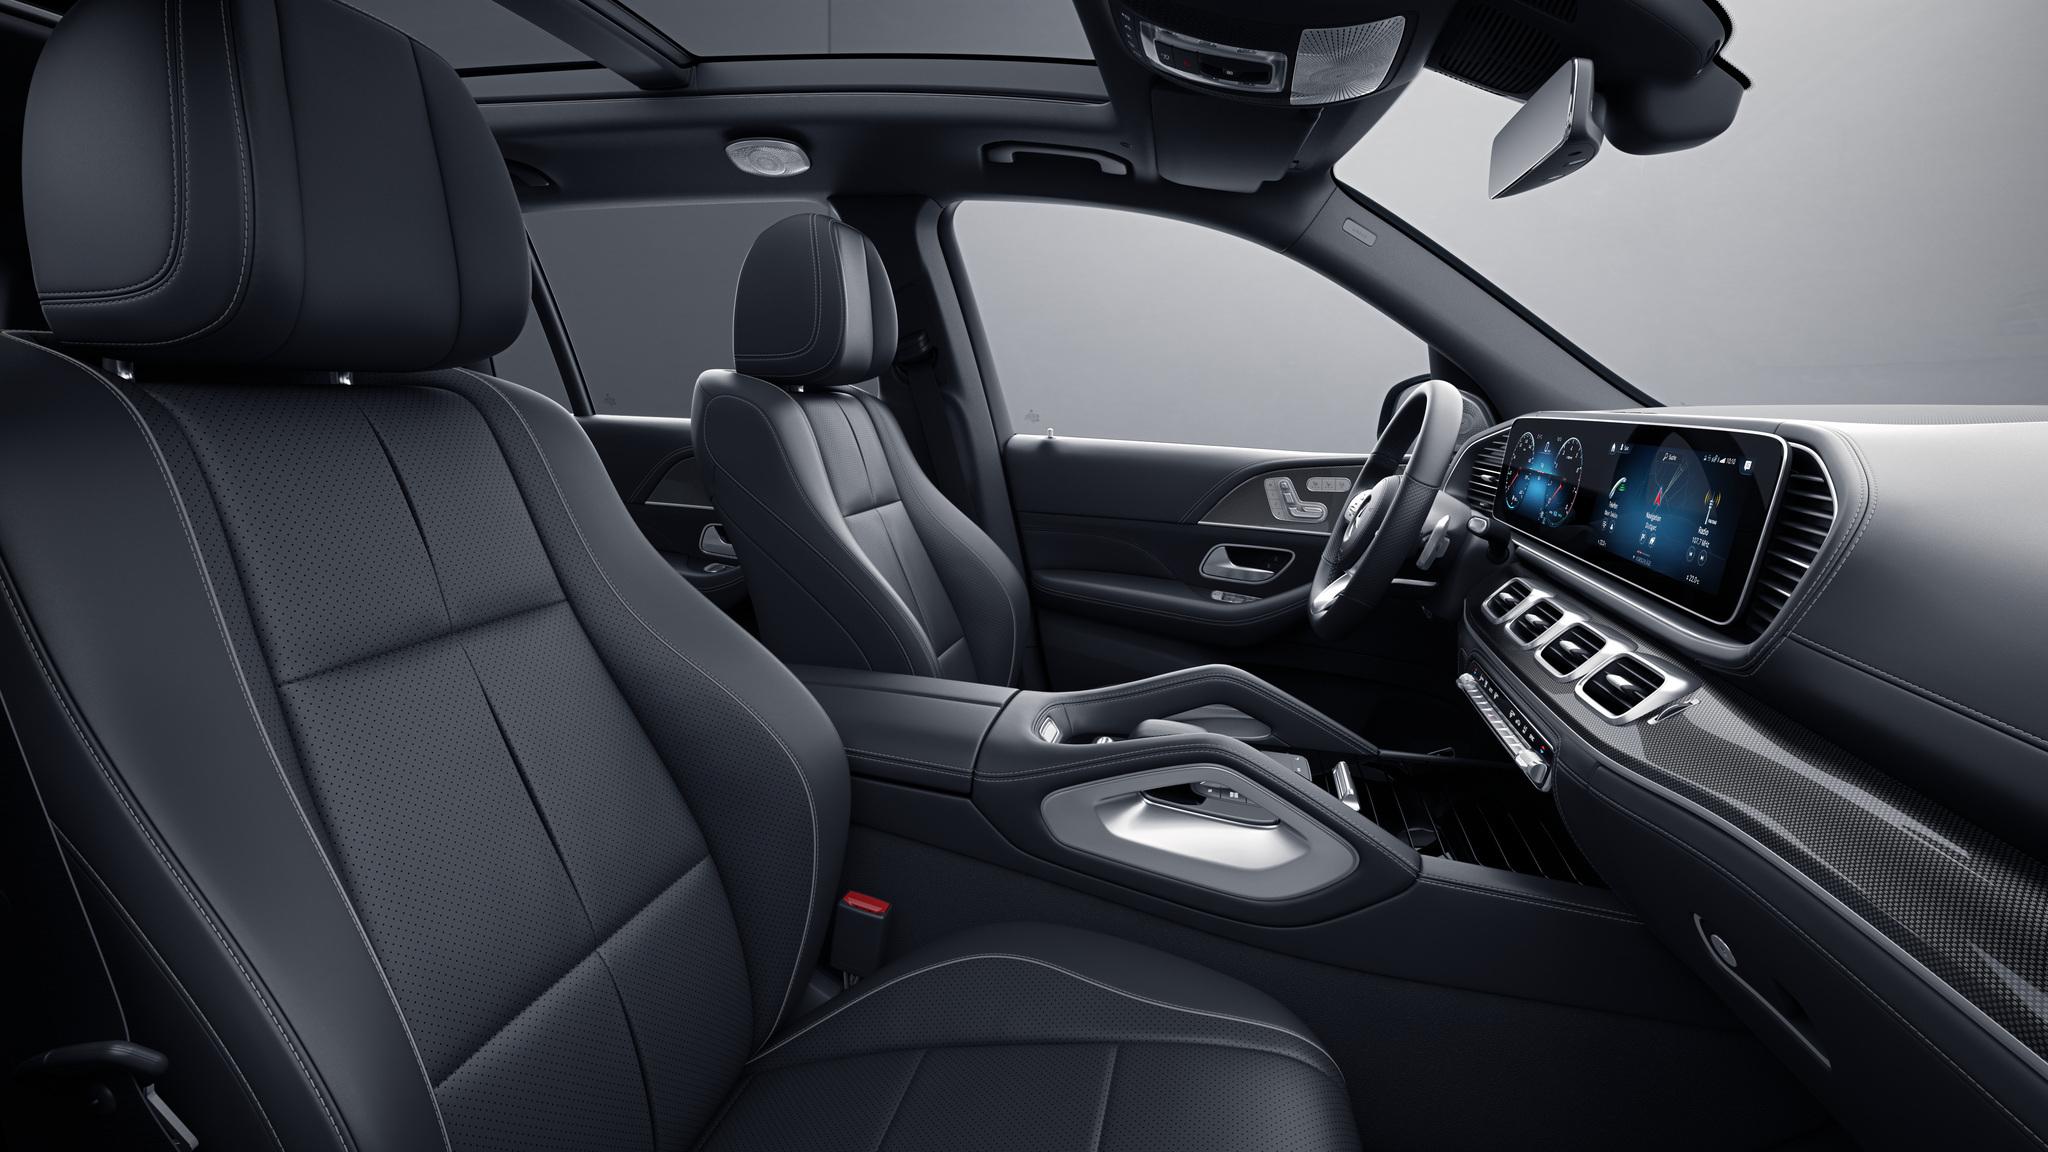 Habitacle de la Mercedes GLS avec une Sellerie cuir nappa noir